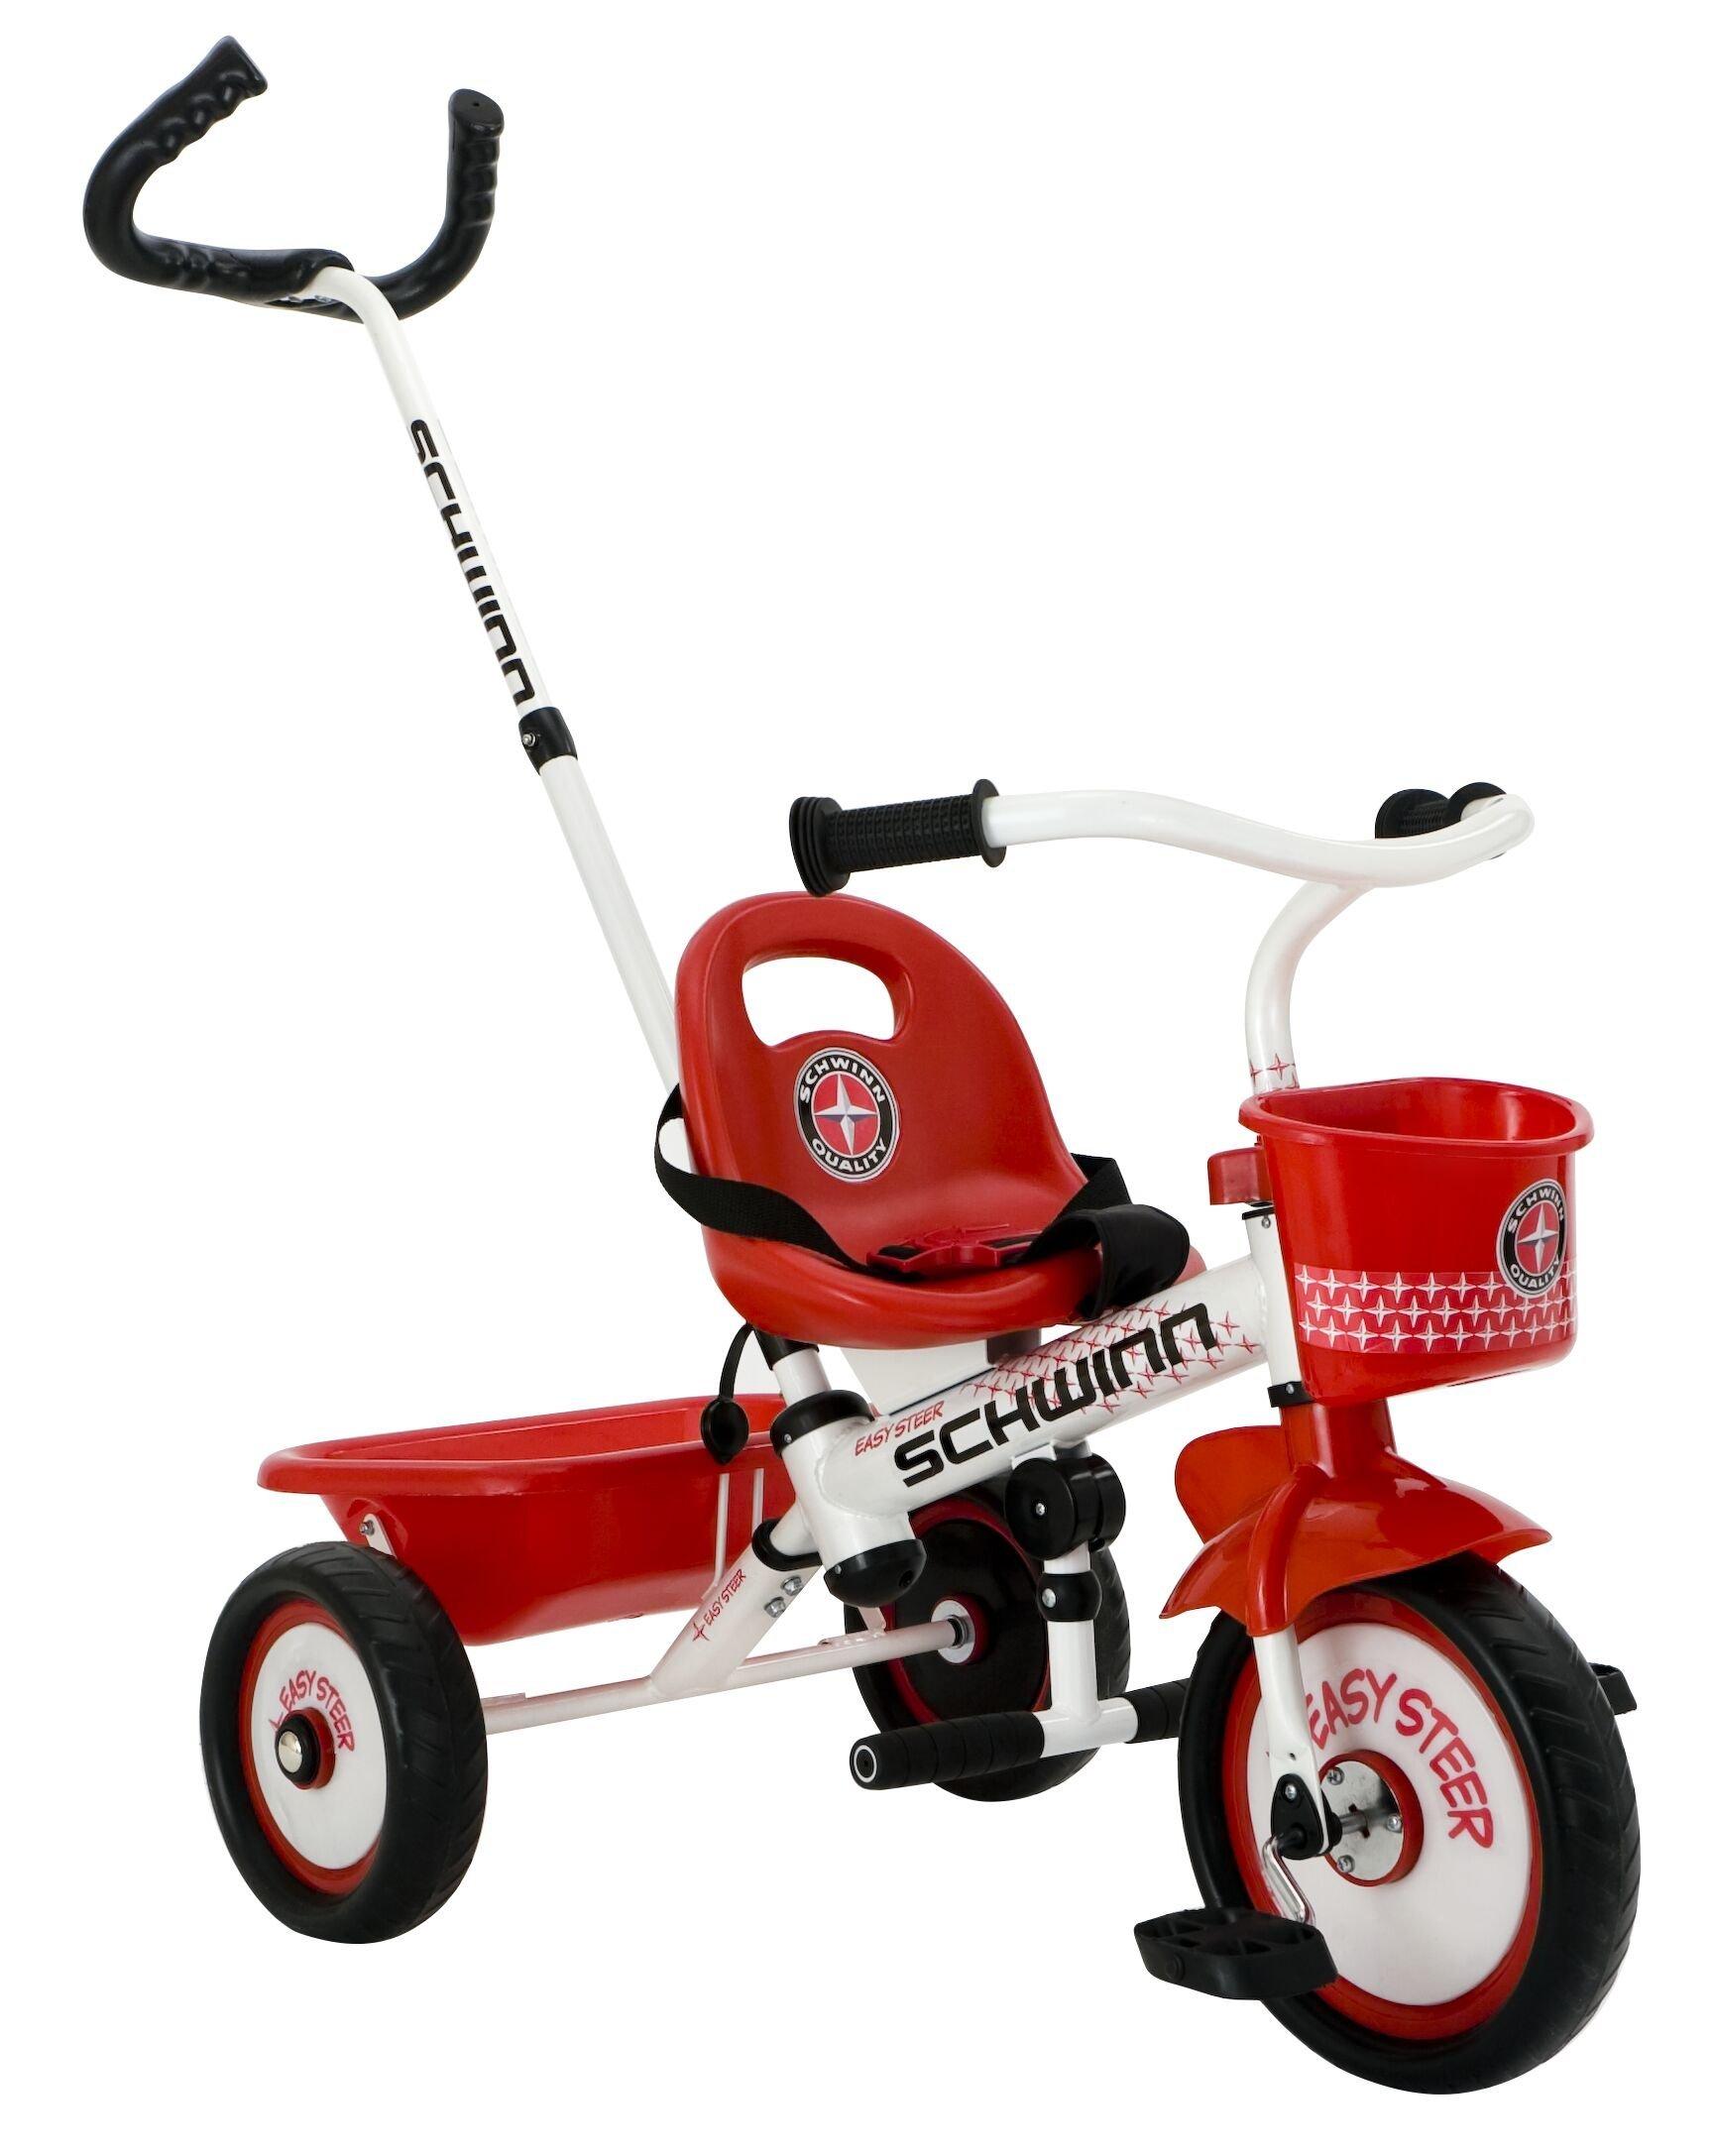 Schwinn Easy Steer Tricycle, Red/White (Renewed)